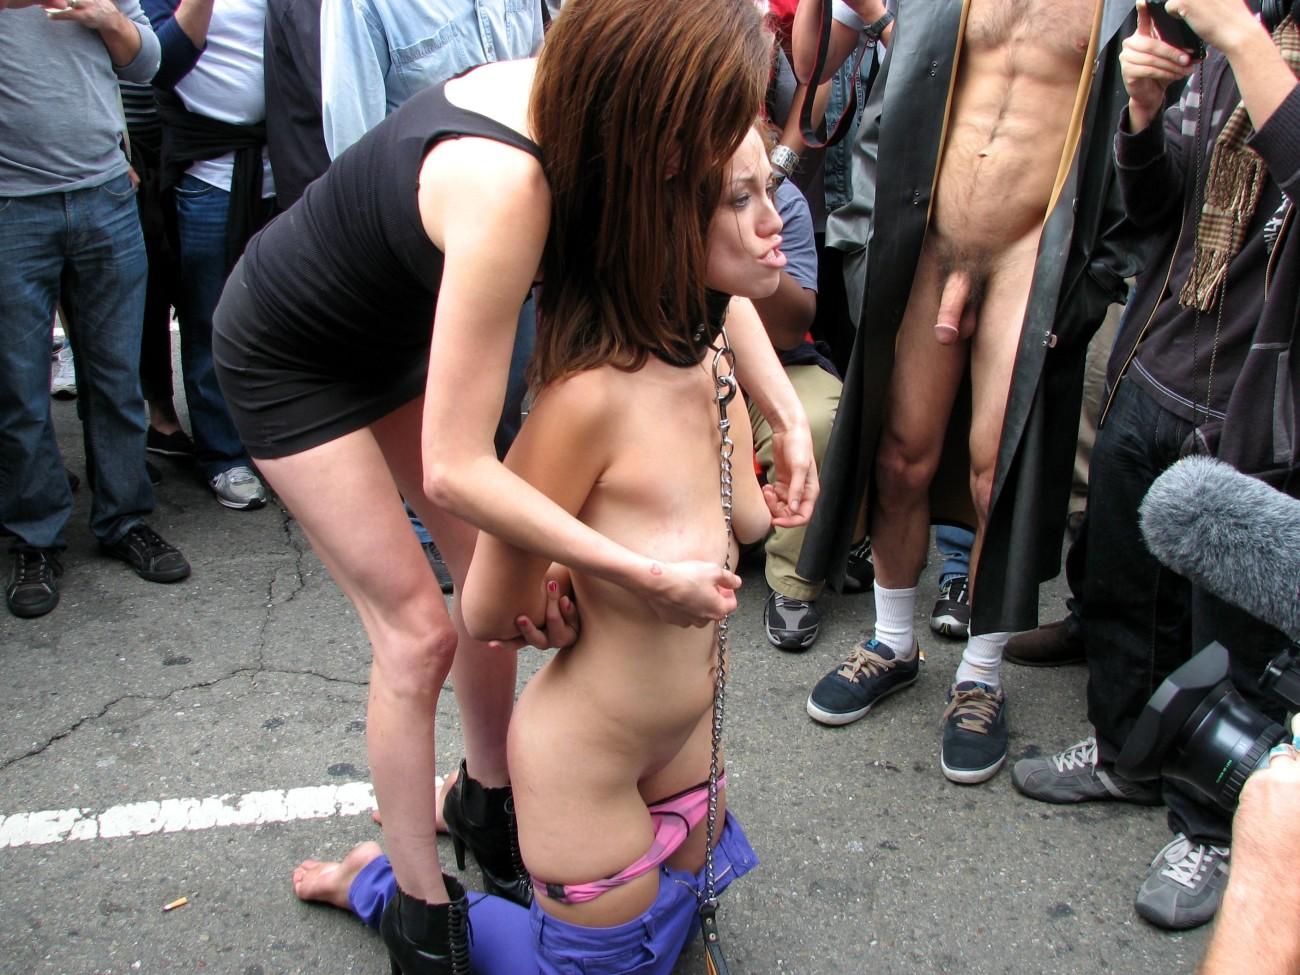 Hardcore Sex Group Public